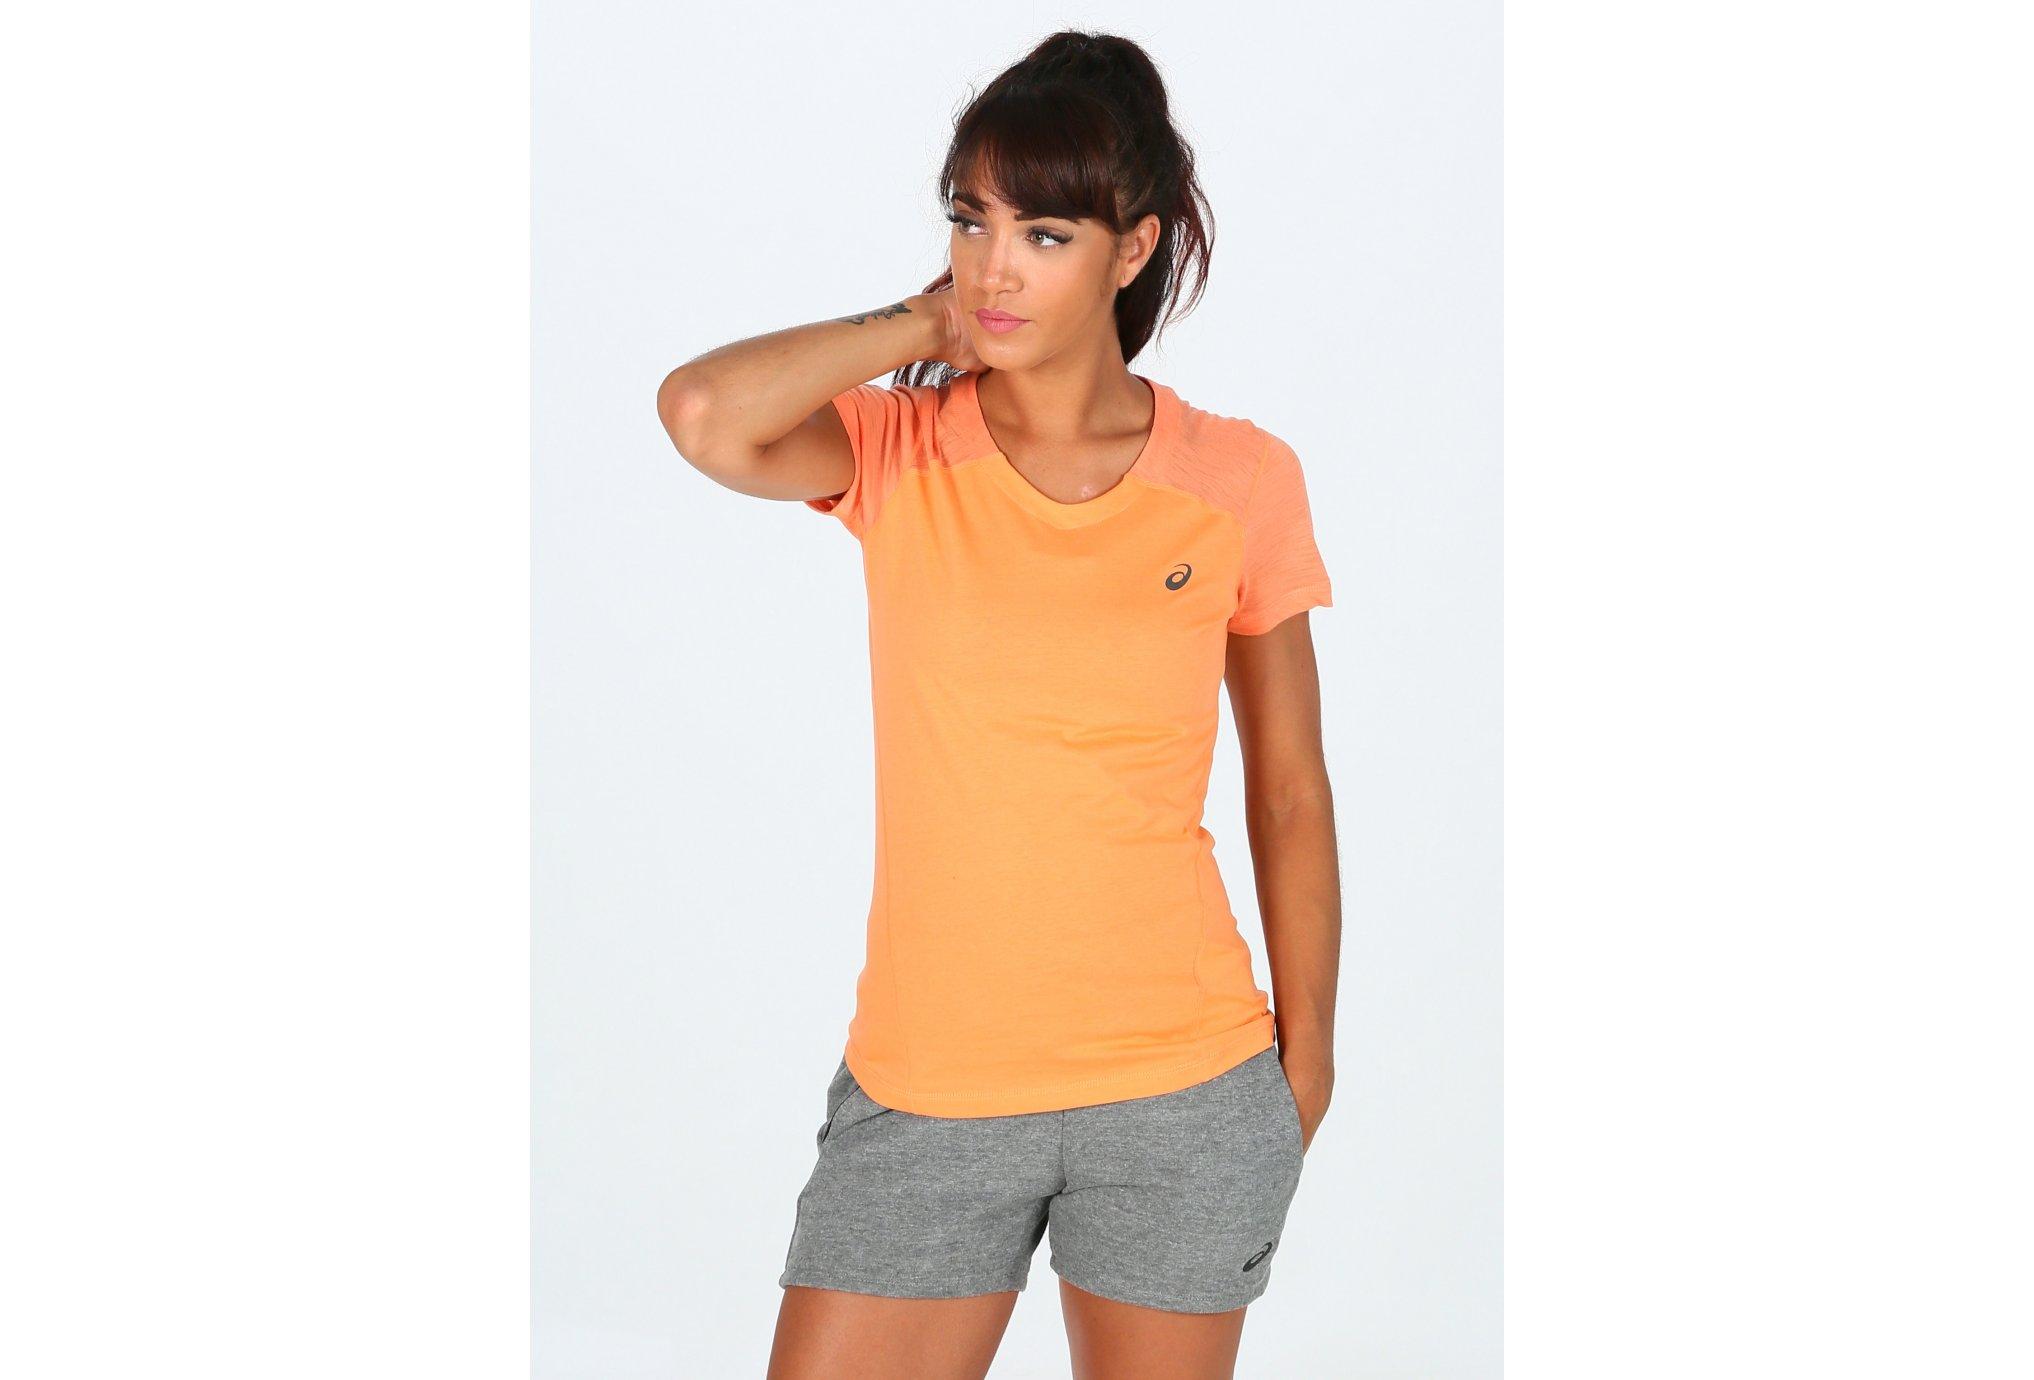 Asics FuseX W Diététique Vêtements femme